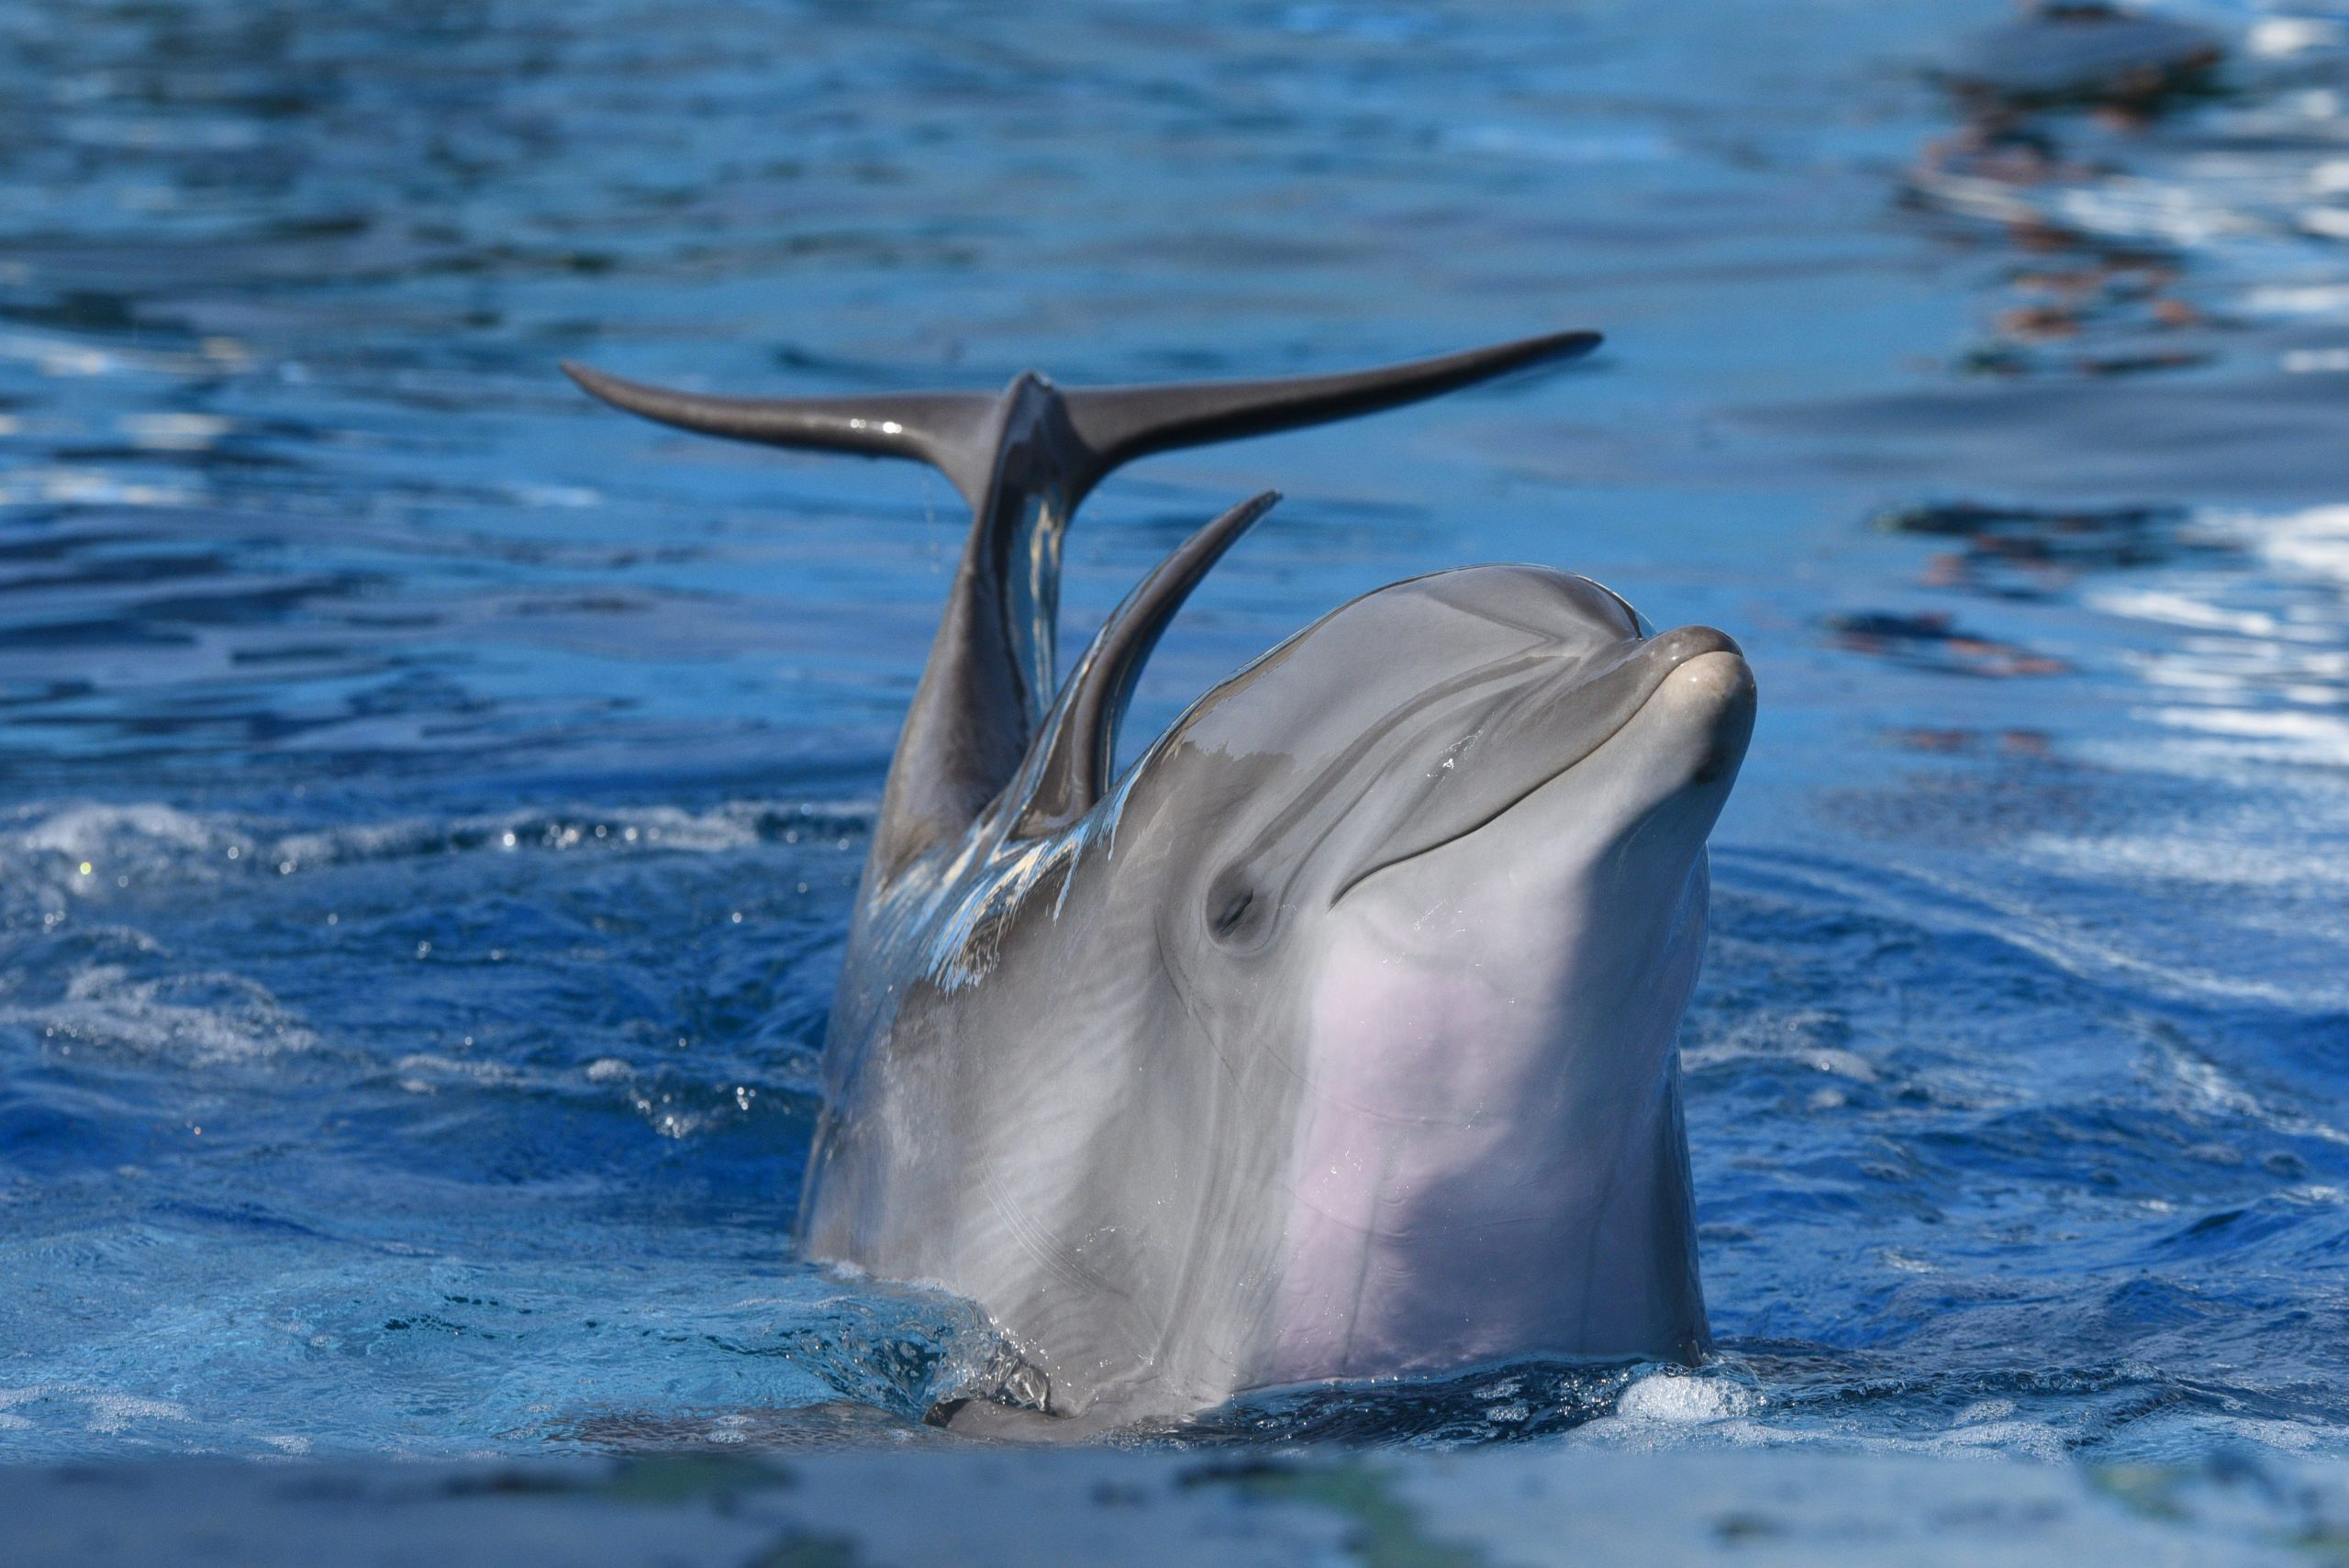 صور دولفين خلفيات دولفين dolphin 103